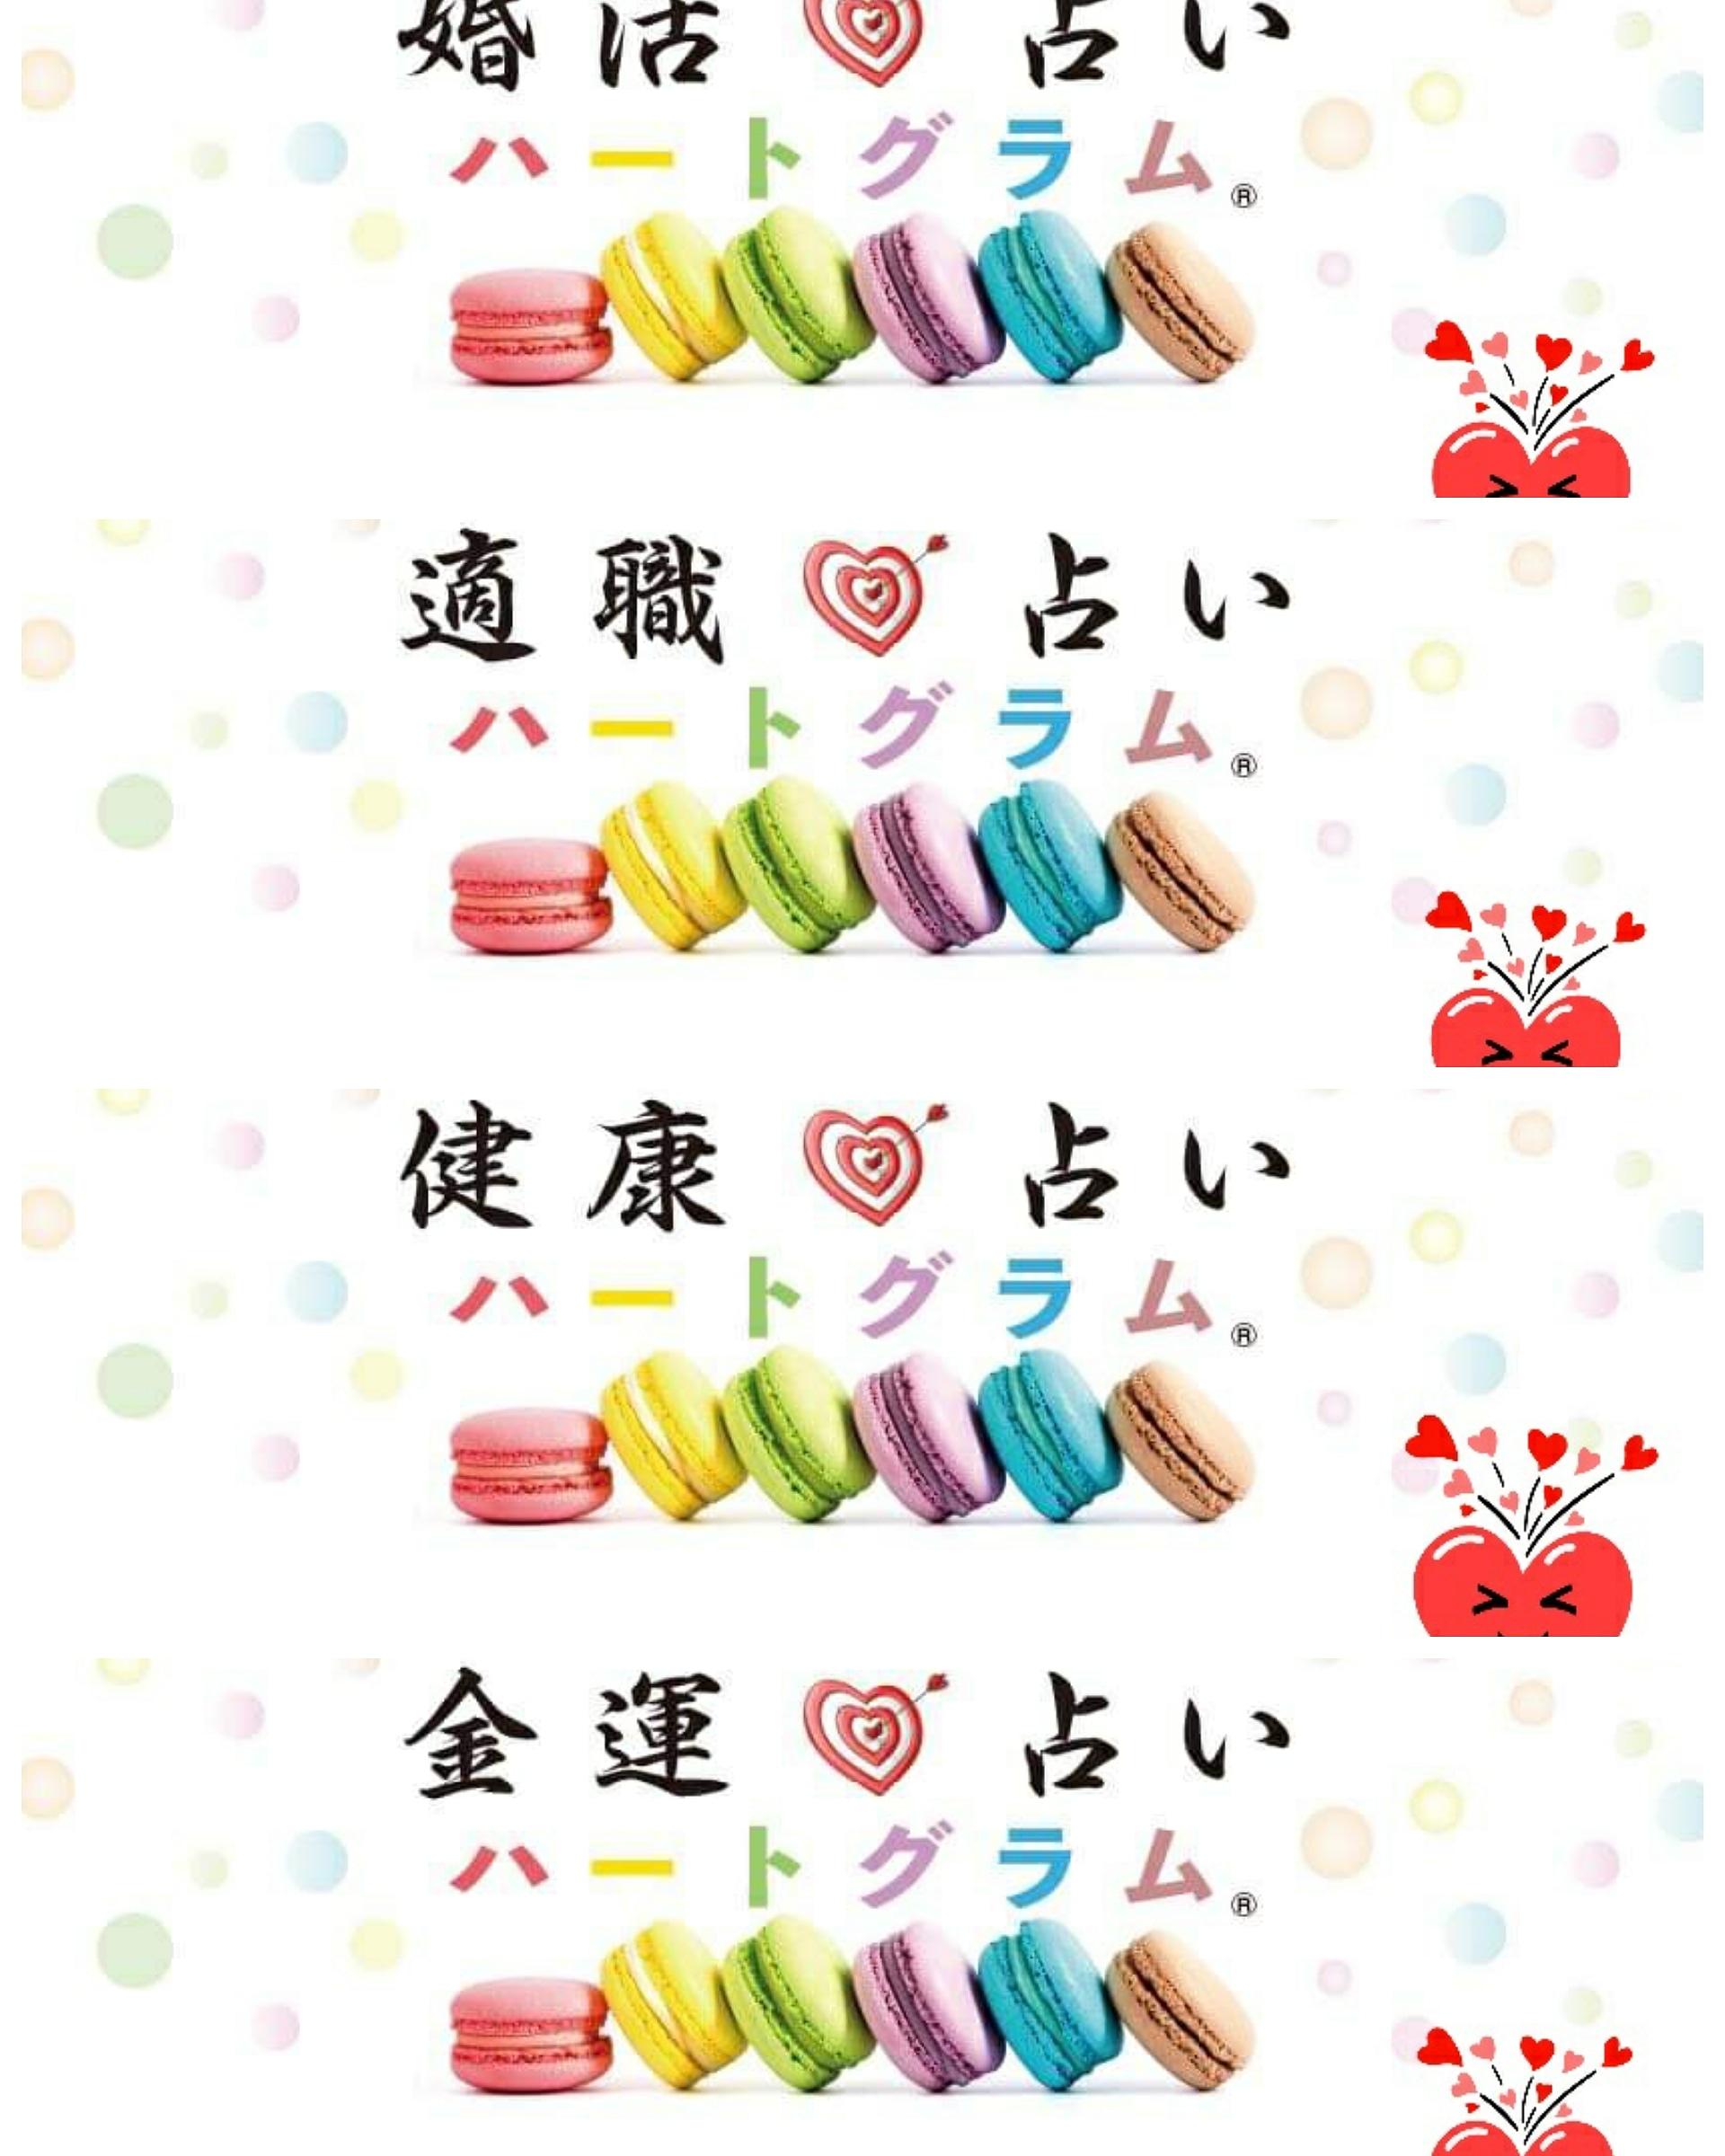 『ハ-トグラムカード♡』のセッションの料金は1000円です💟